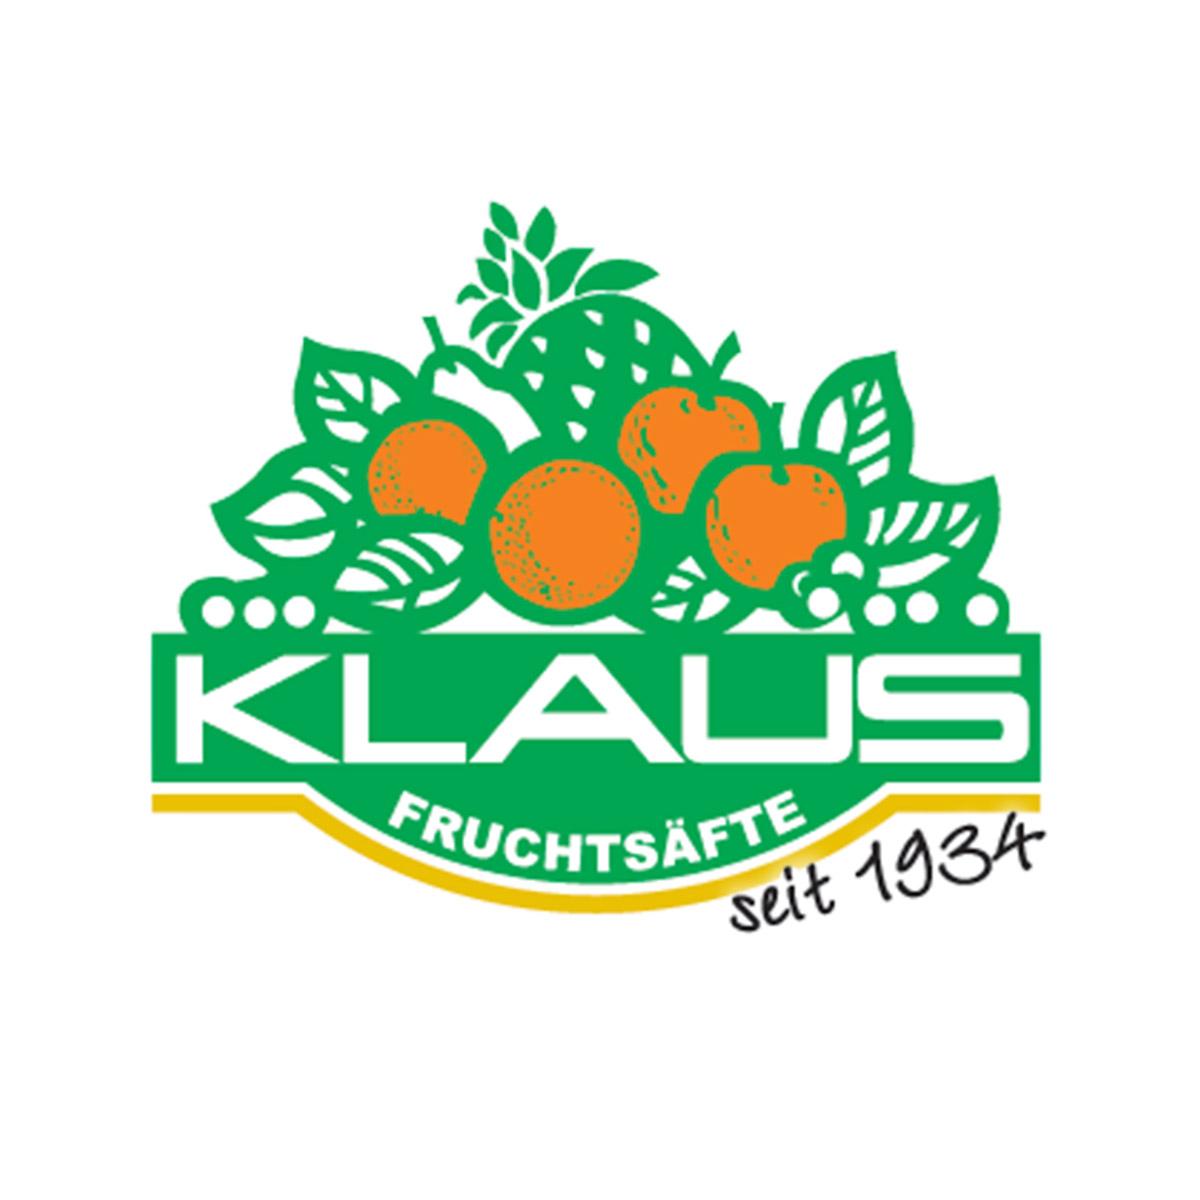 Klaus Fruchtsäfte Logo